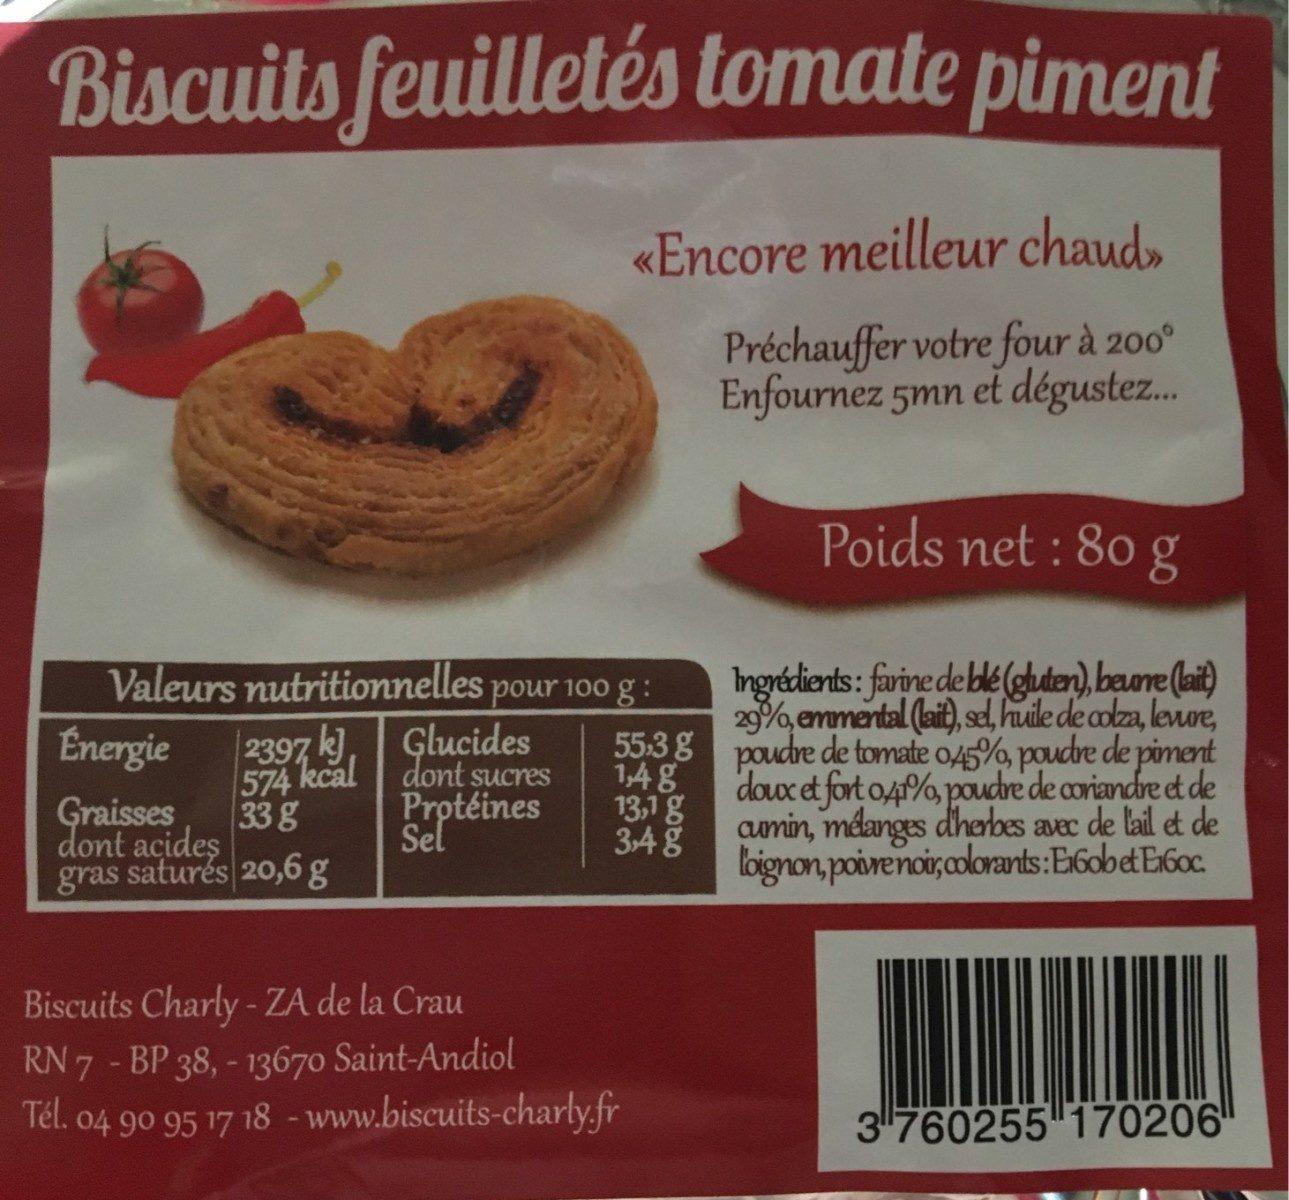 Biscuits feuilletés tomate piment - Produit